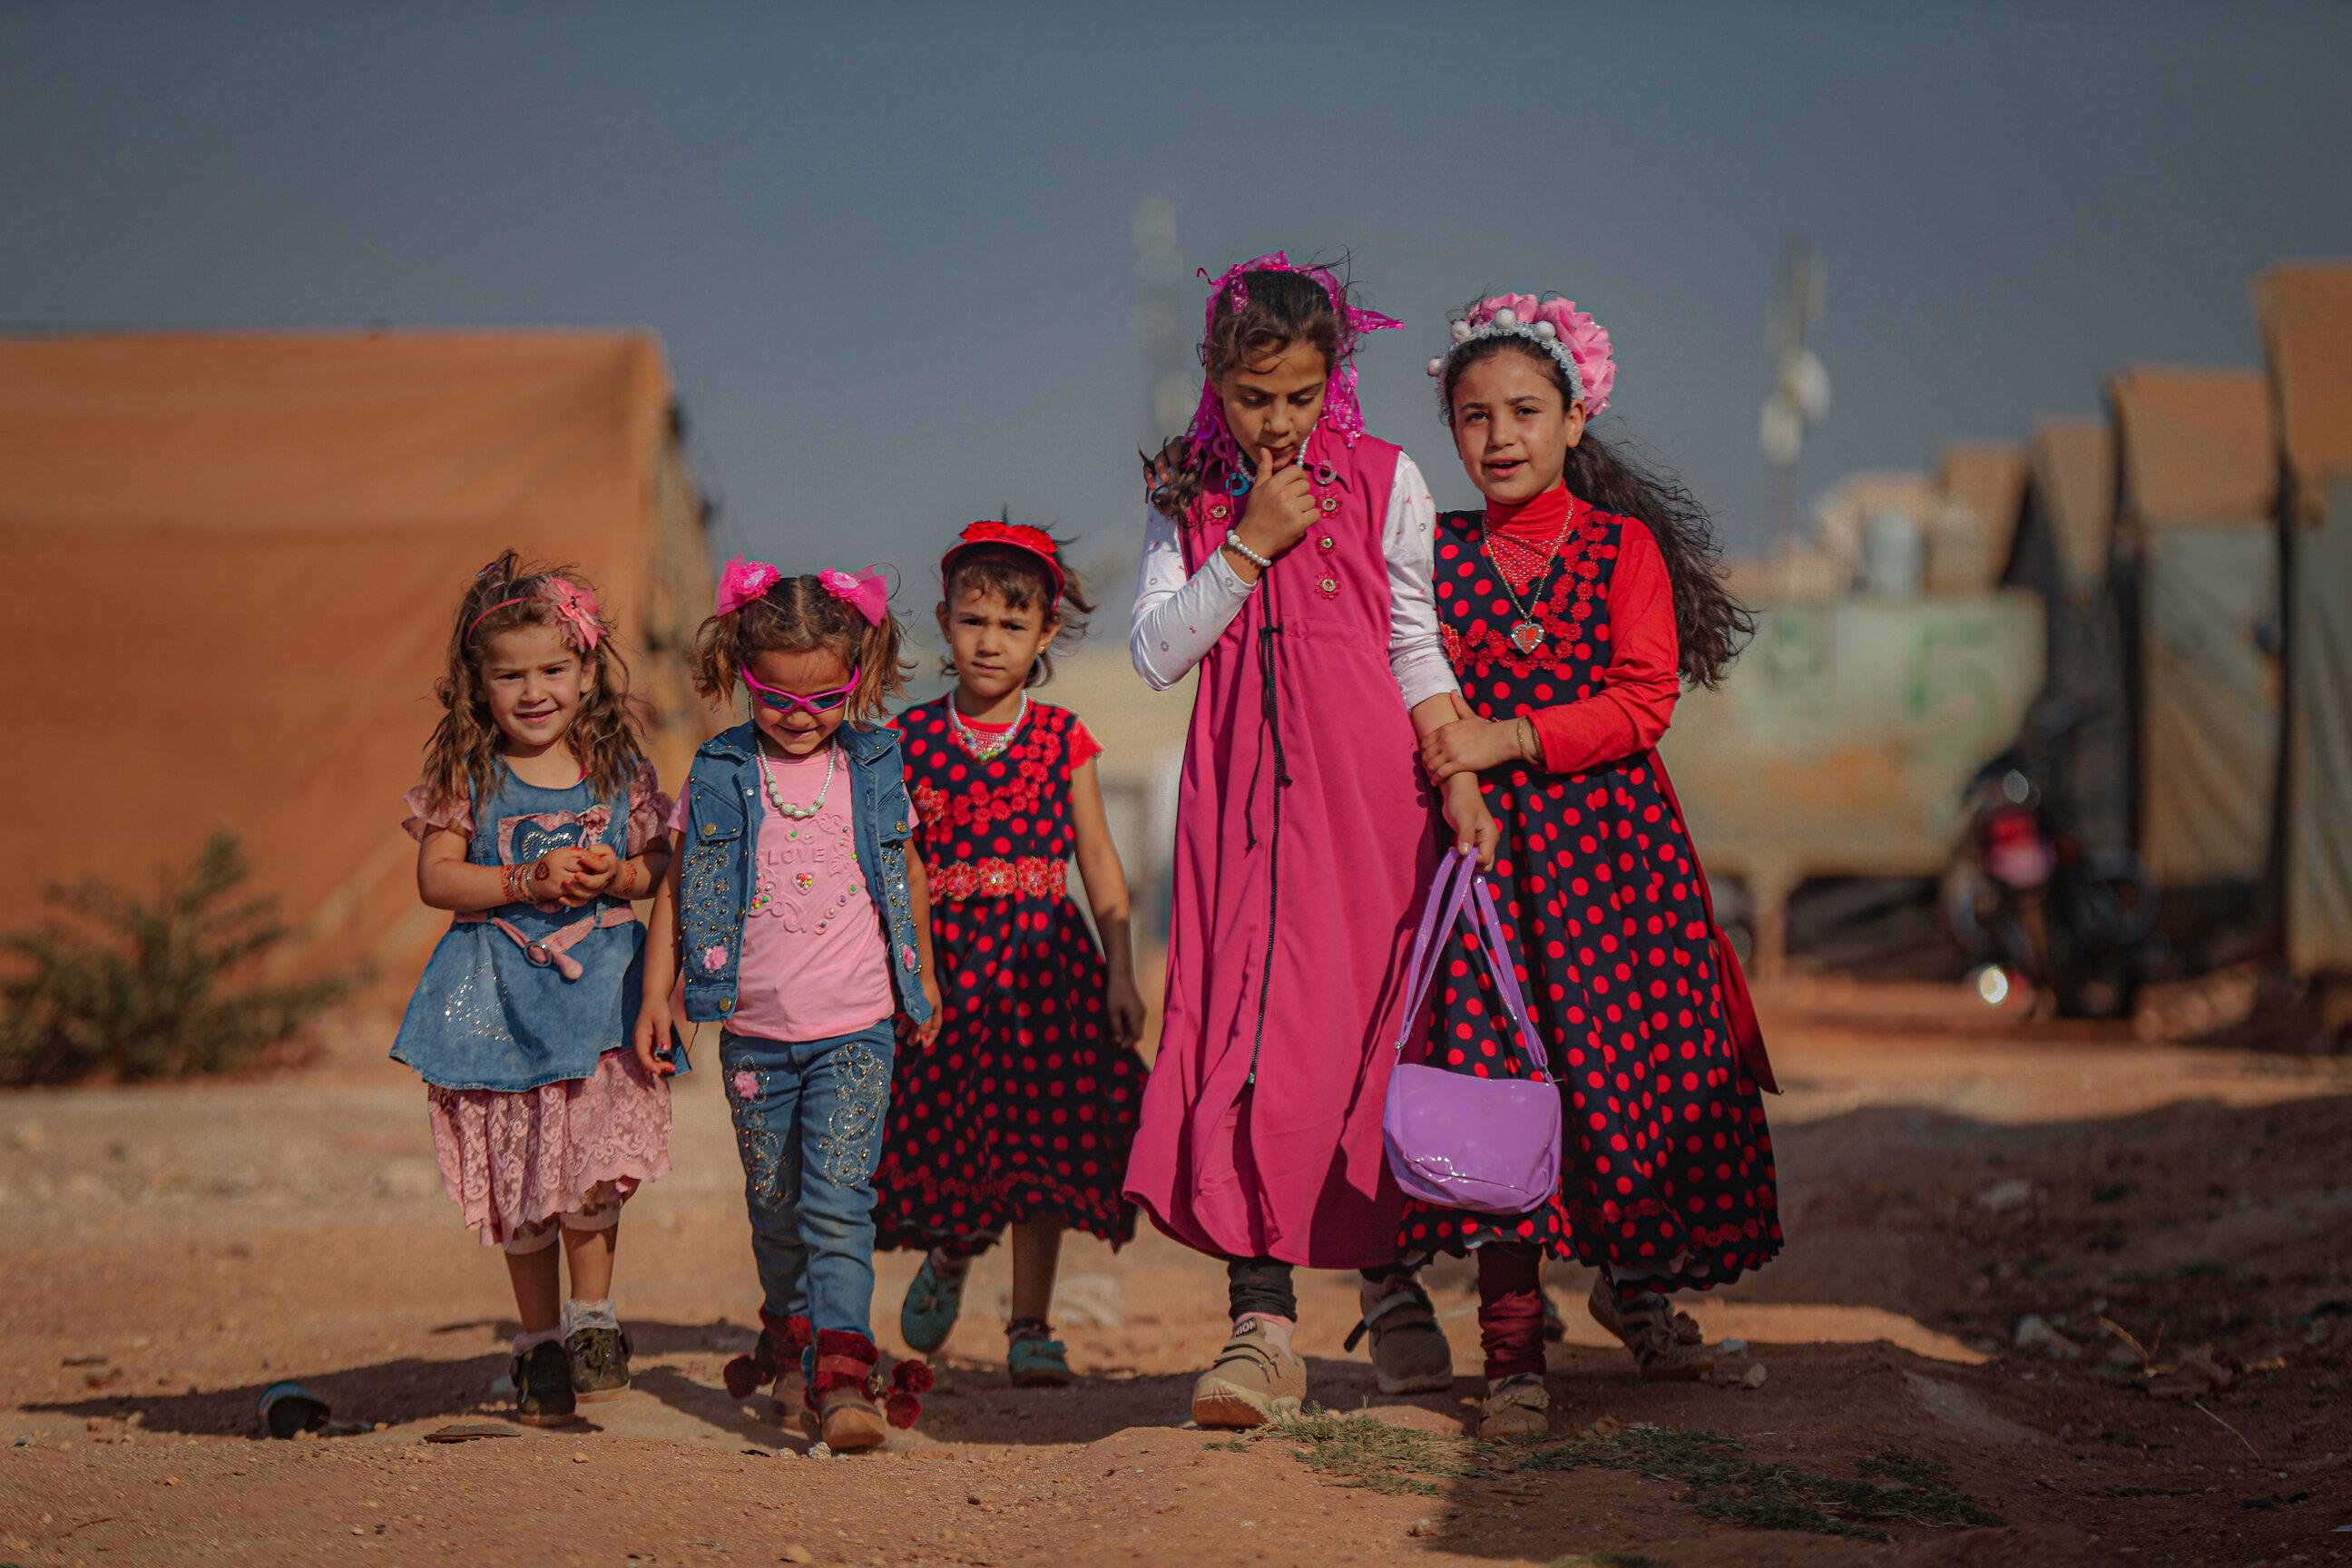 Syrian children celebrate Eid al-Adha in Idlib